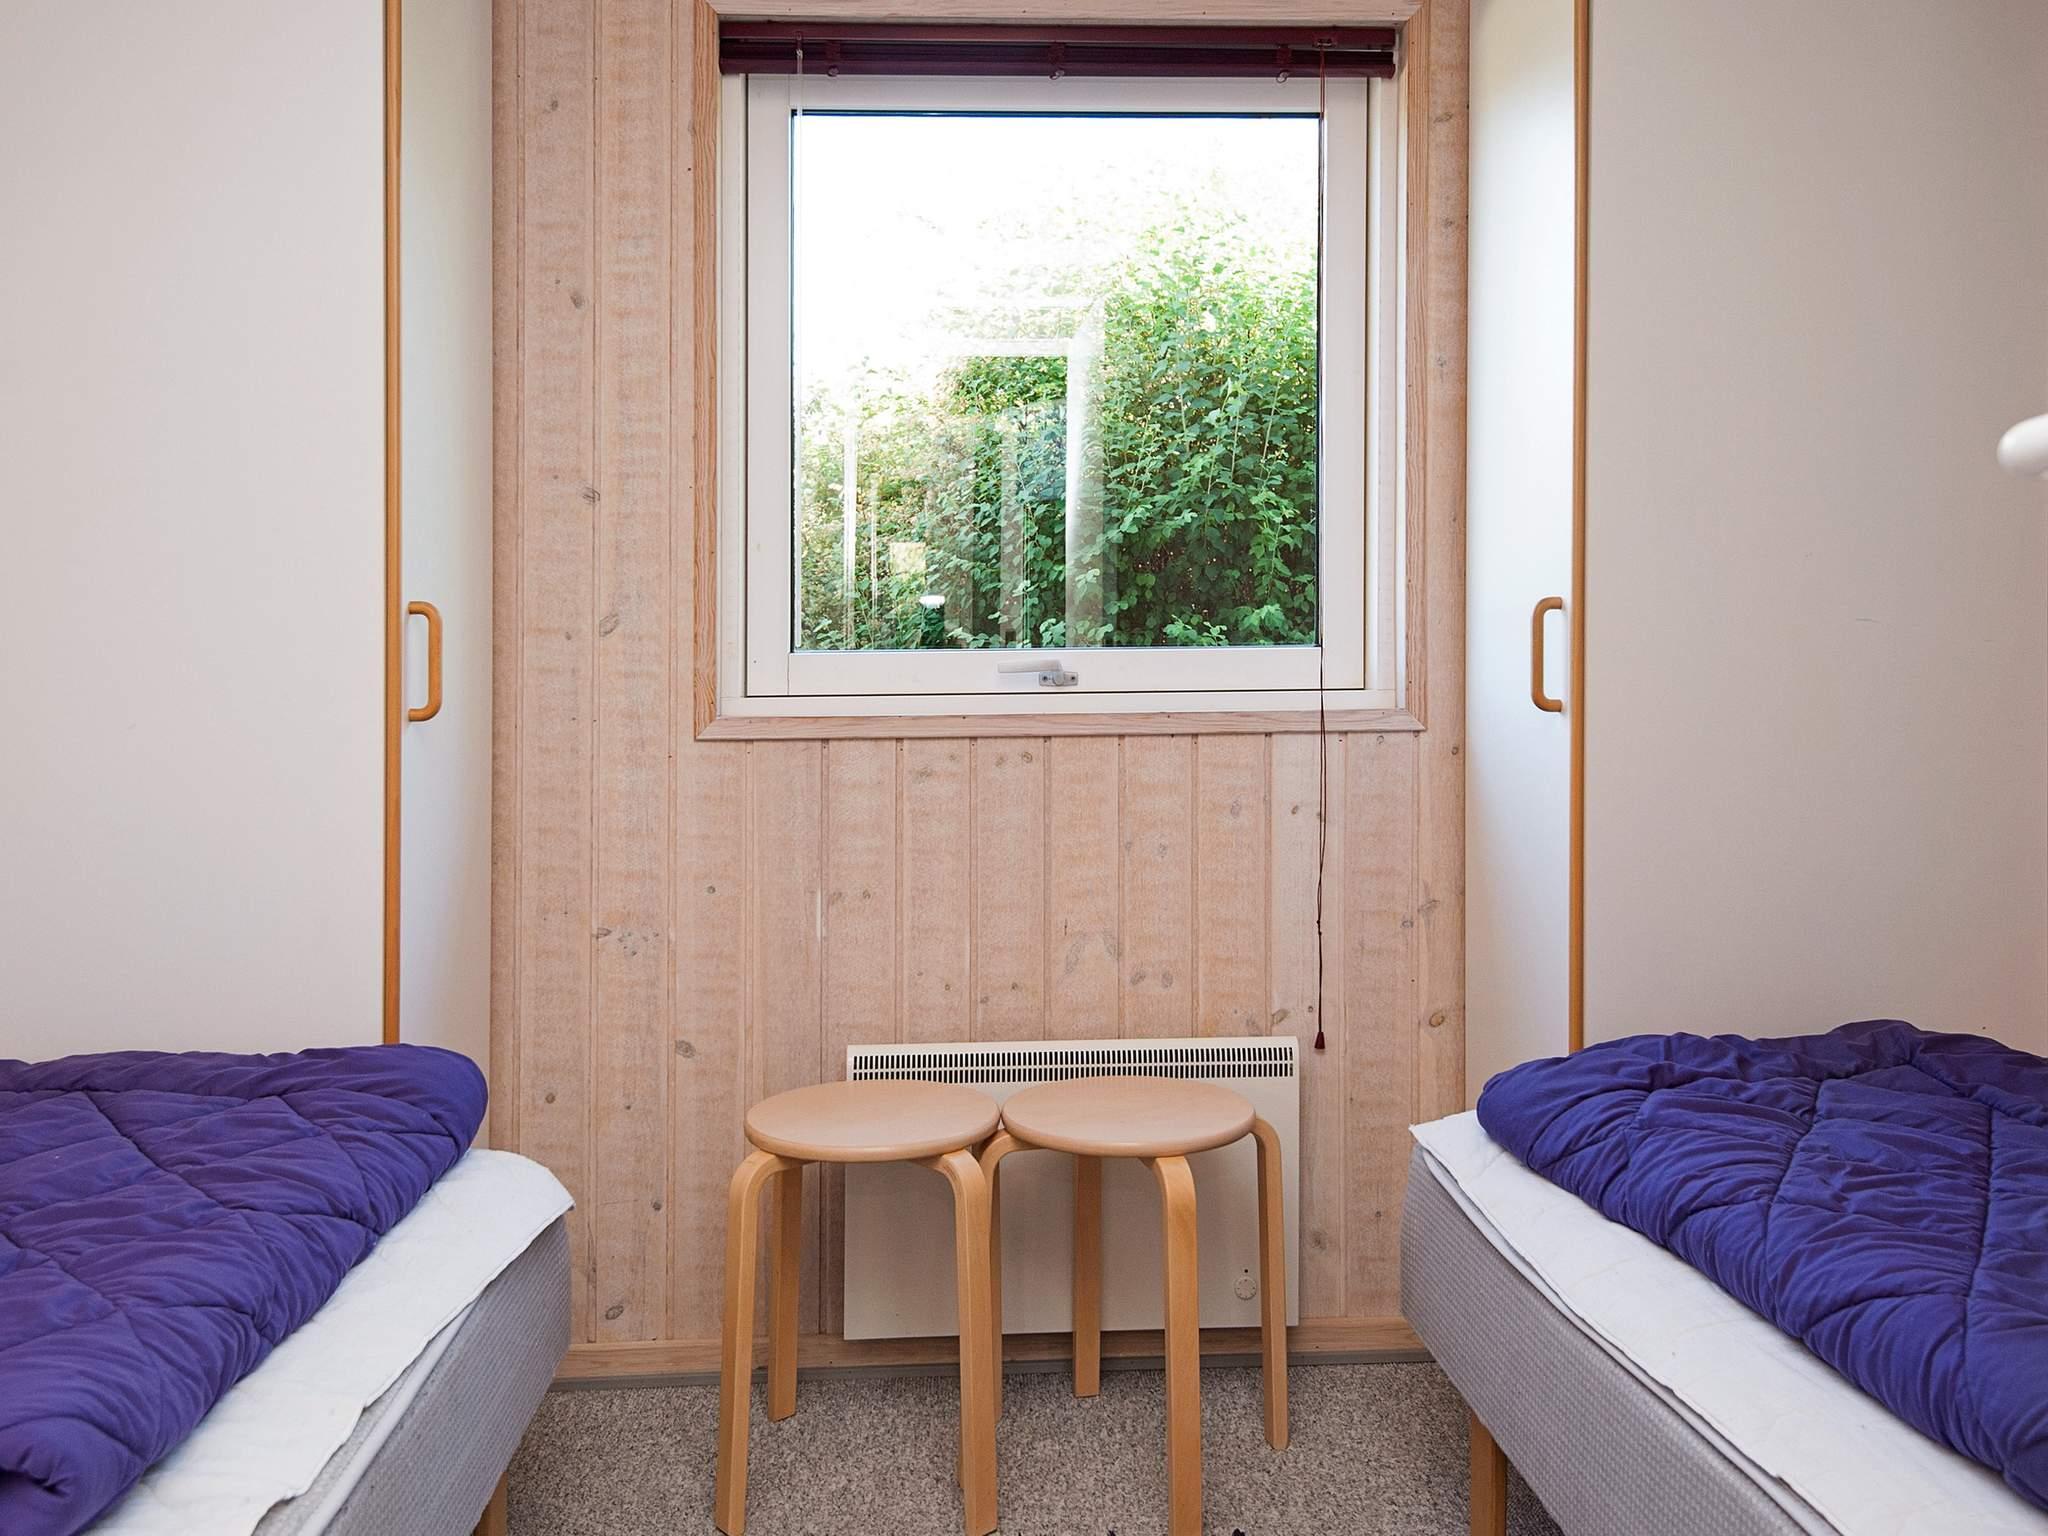 Ferienhaus Bønnerup Strand (125810), Bønnerup, , Ostjütland, Dänemark, Bild 10